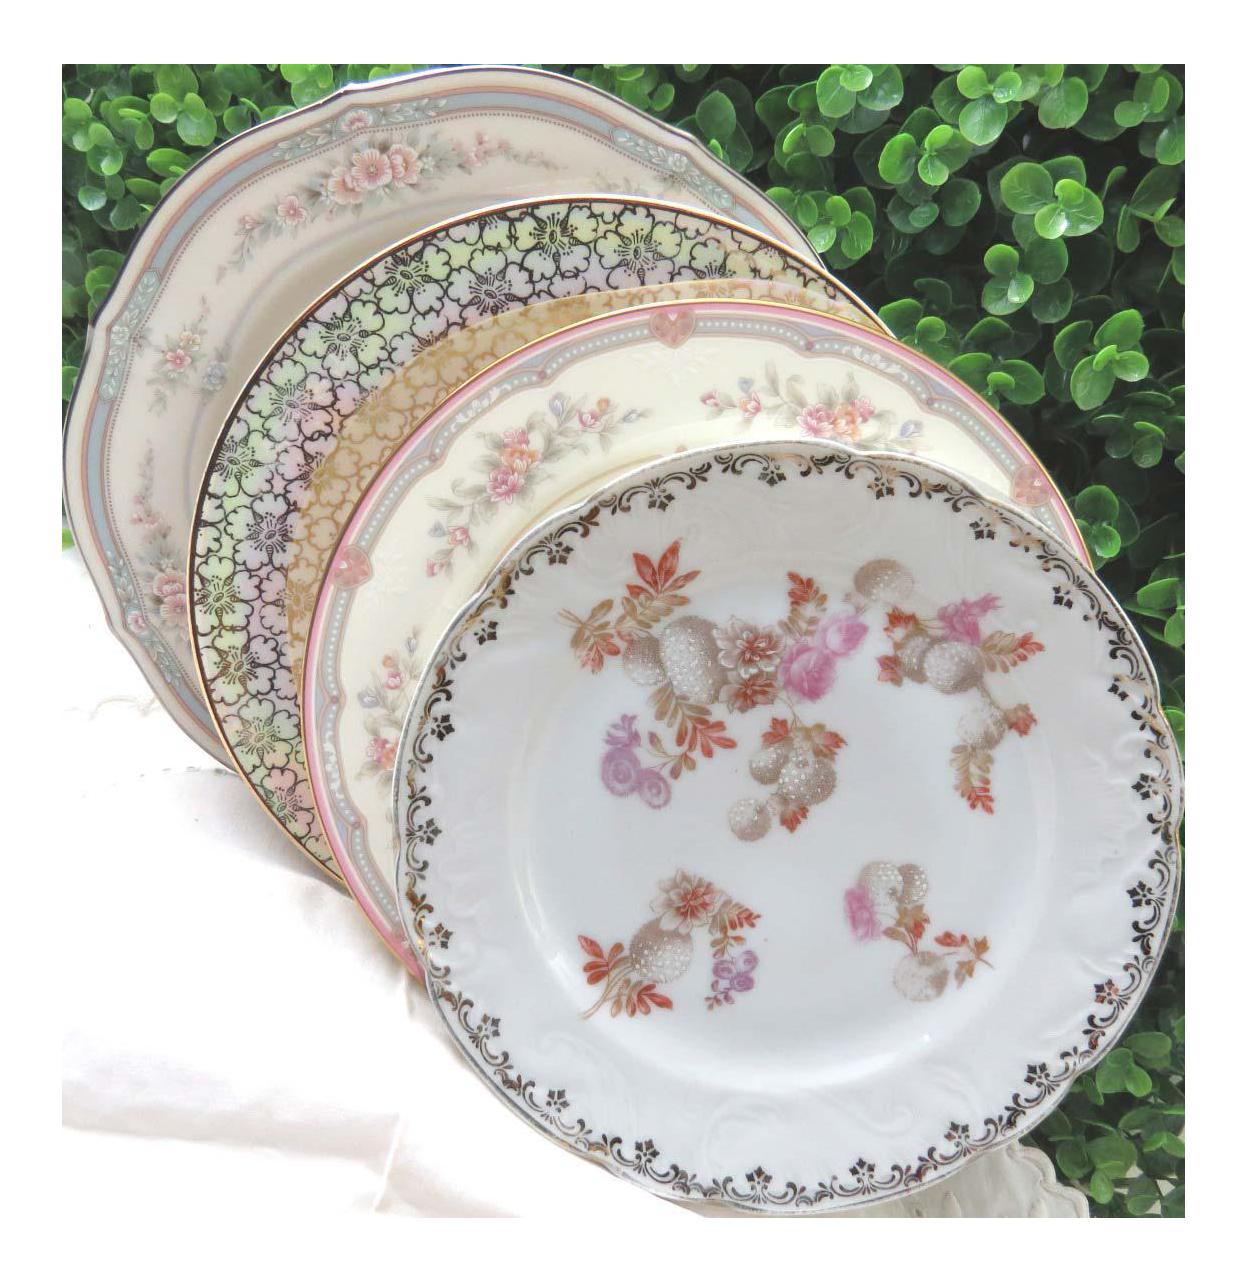 Vintage Mismatched Fine China Salad Plates - Set of 4  sc 1 st  Chairish & Vintage Mismatched Fine China Salad Plates - Set of 4 | Chairish